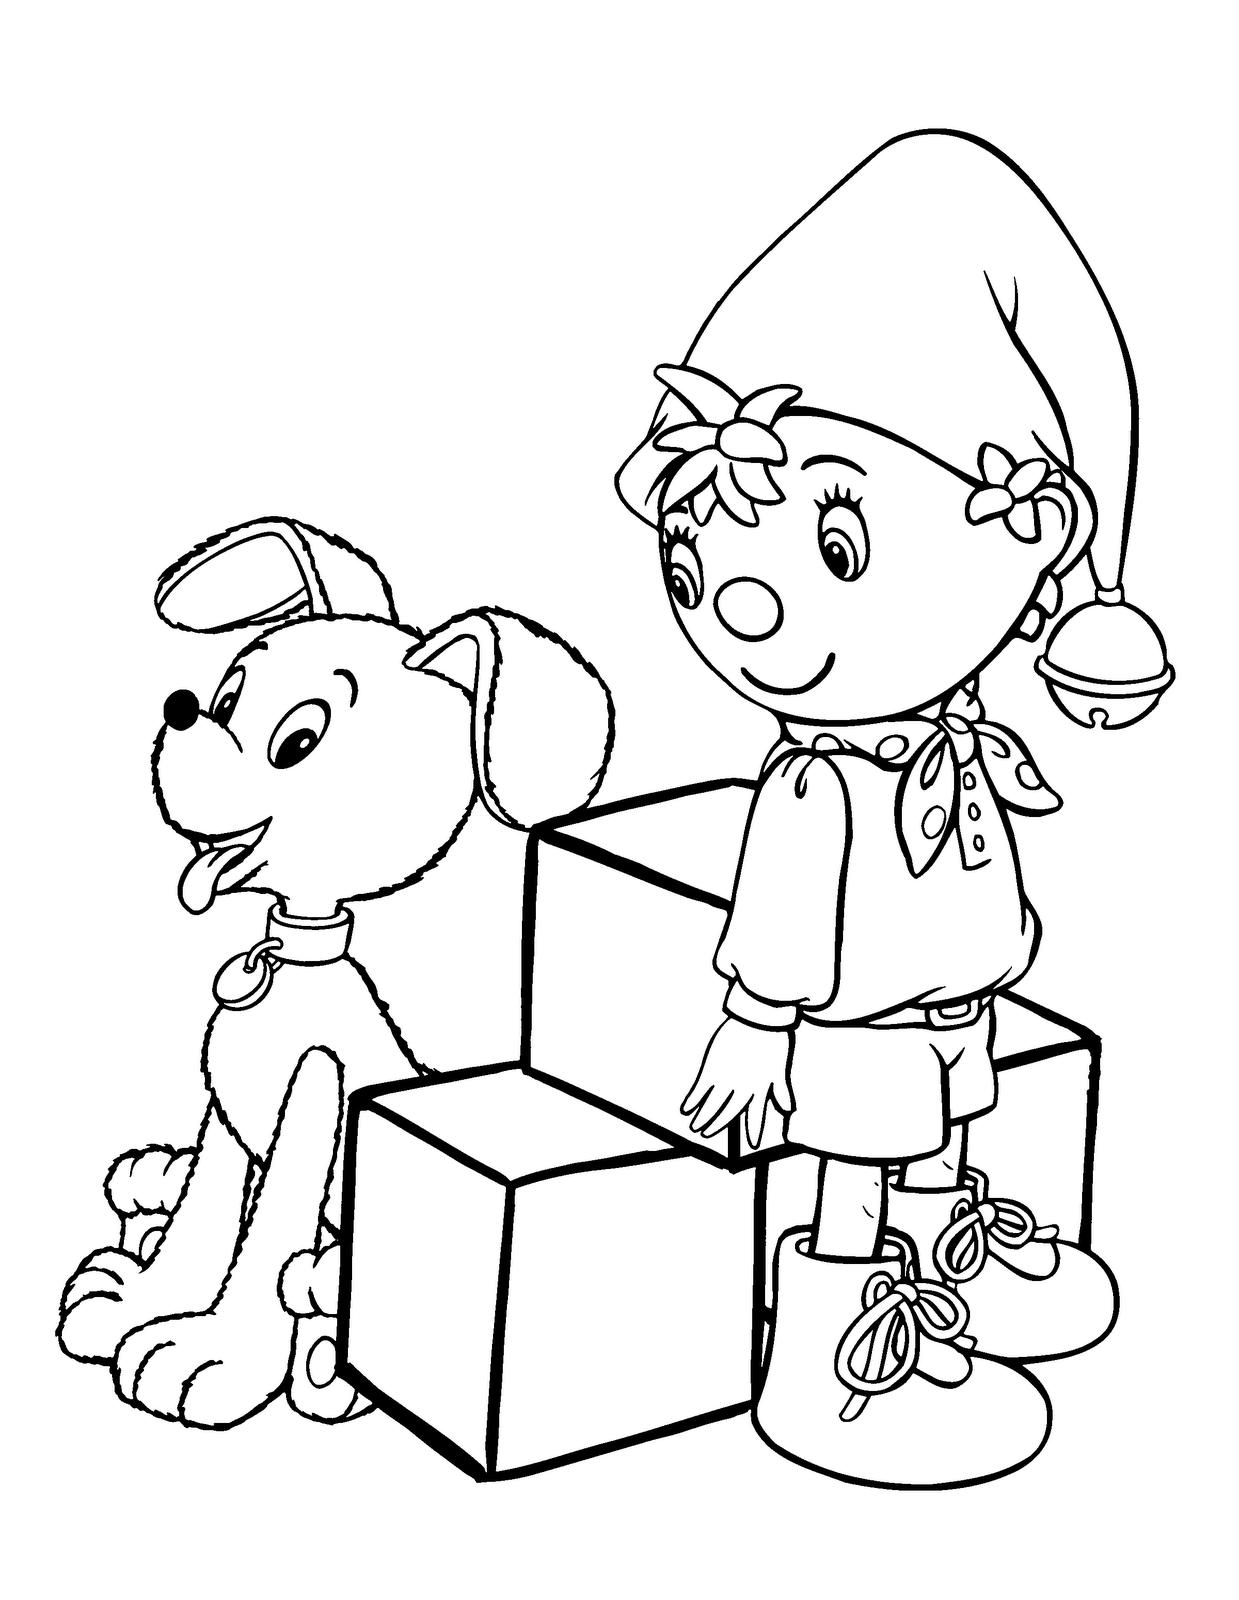 Desenho de Noddy no carro para colorir Desenhos para